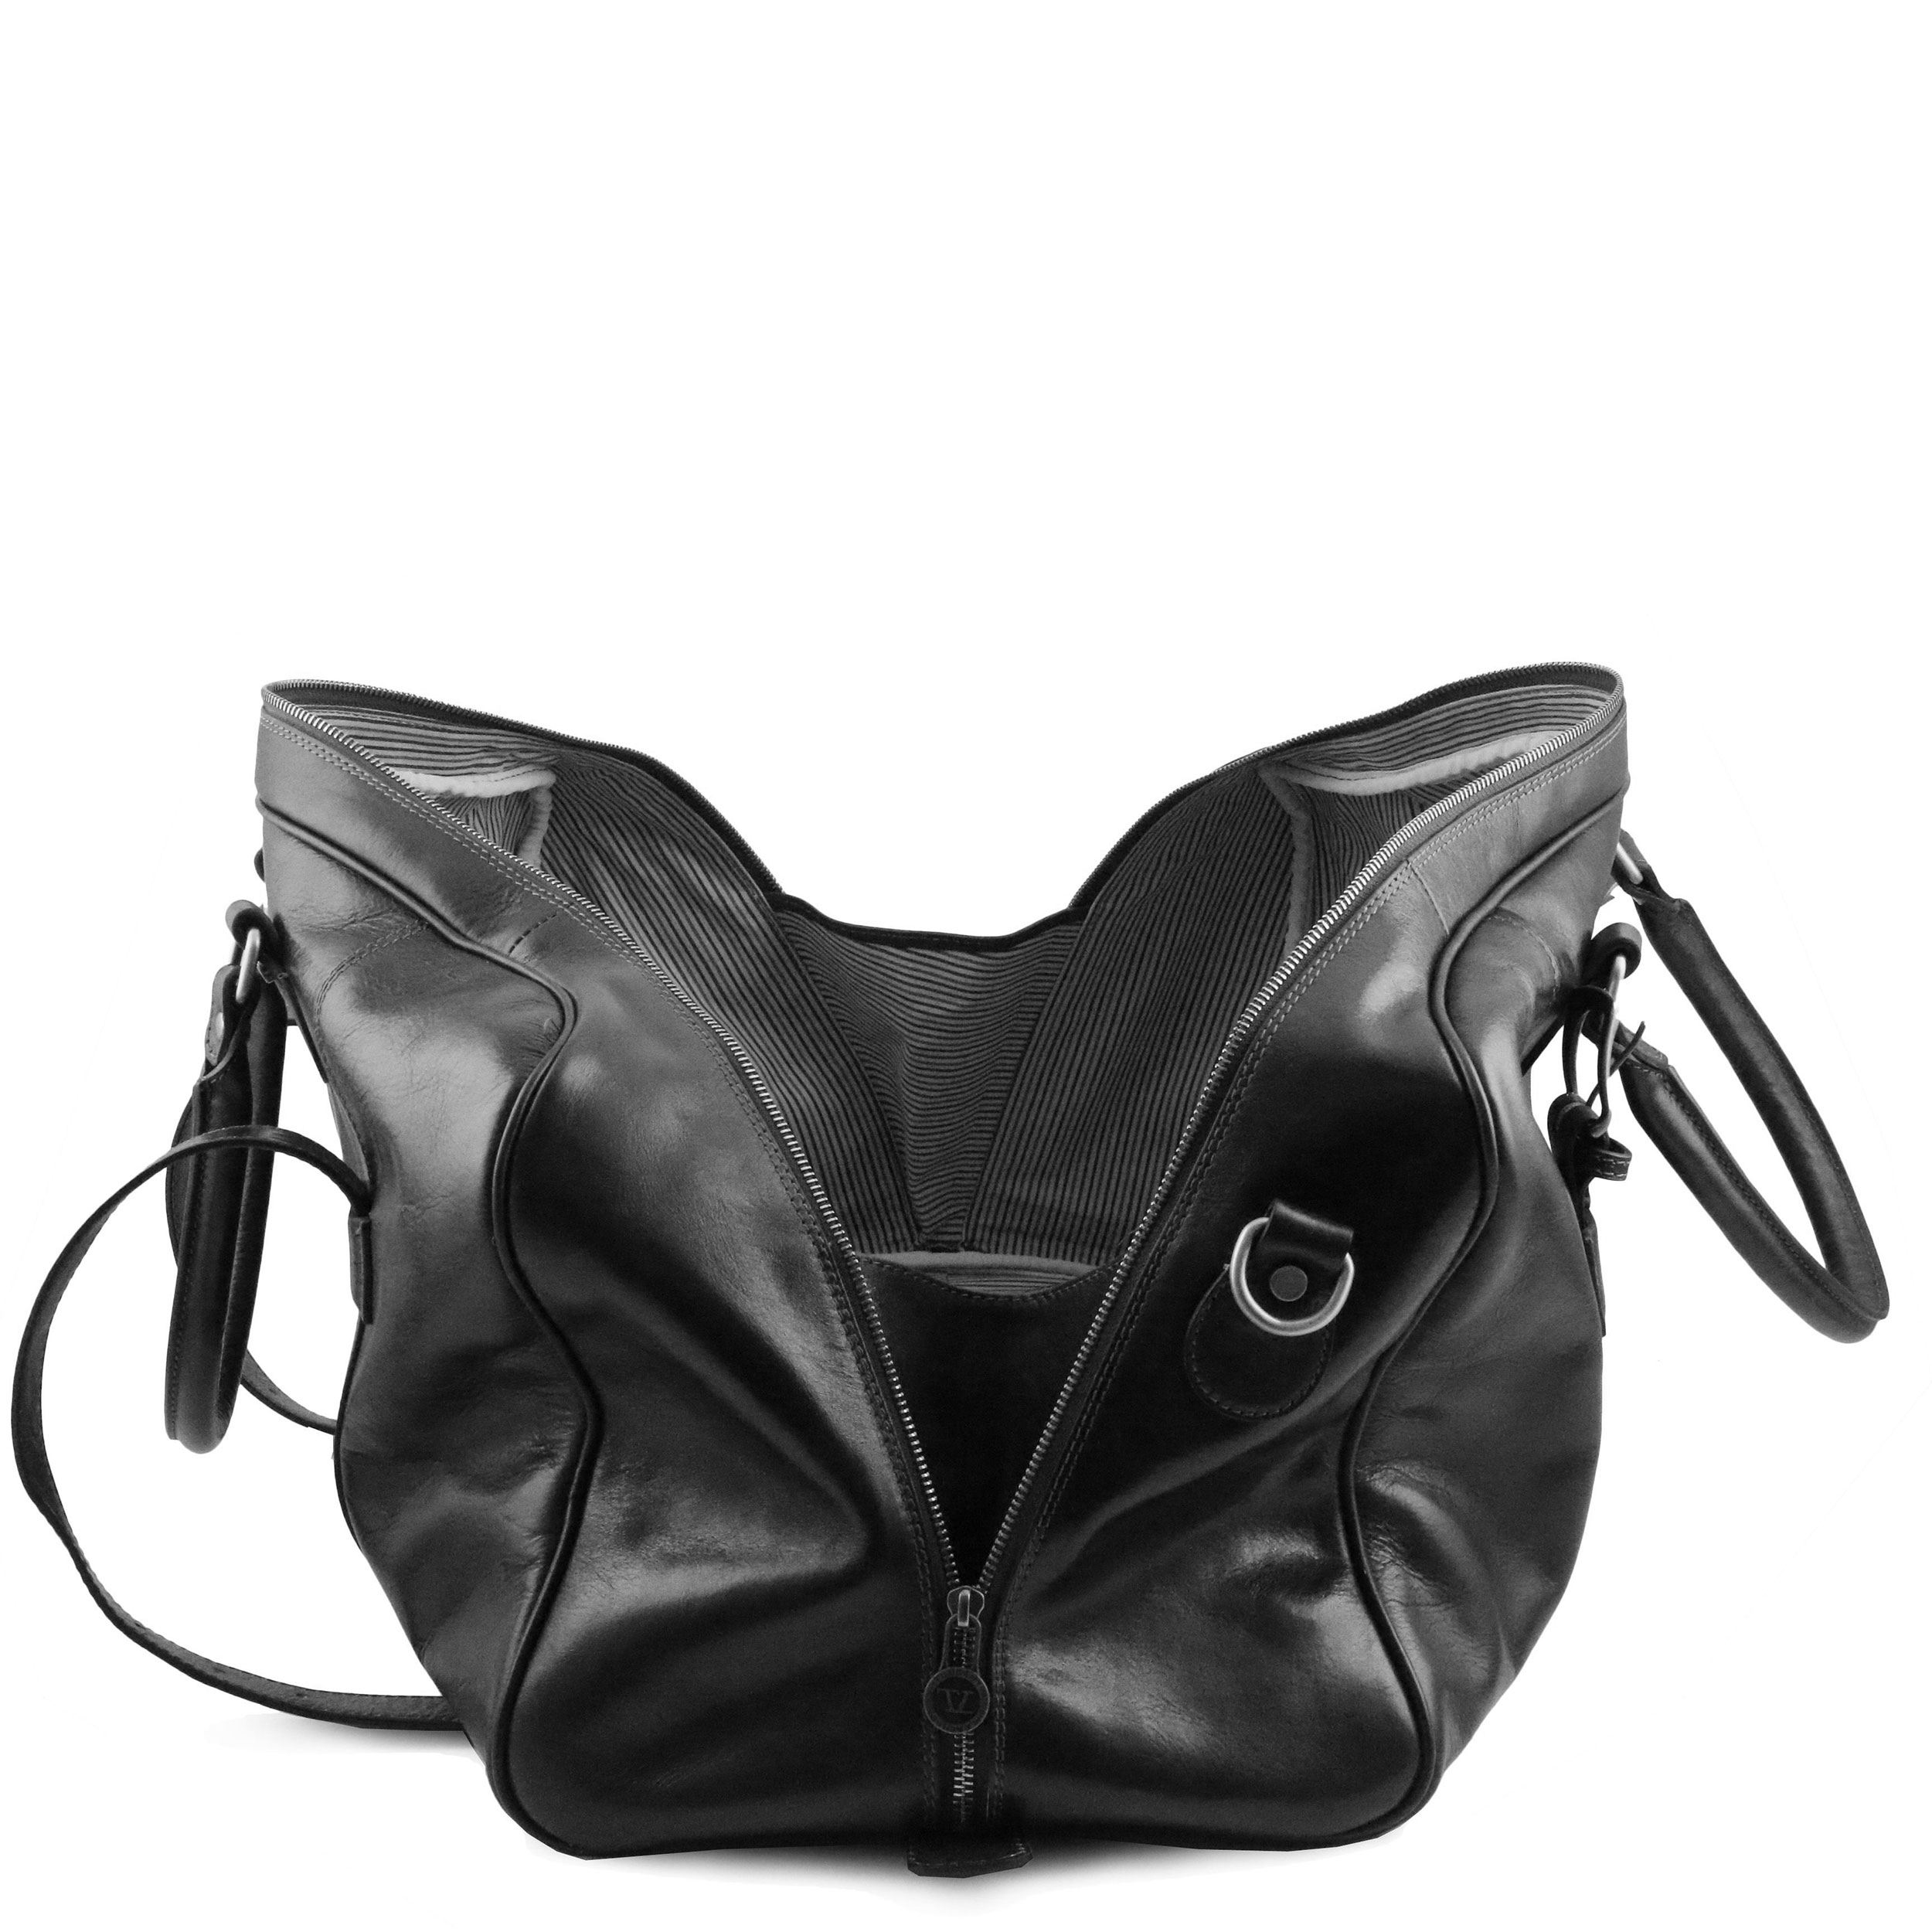 Tuscany Leather TL Voyager Sac de voyage en cuir avec boucles - Petit modèle Miel ZccrpX4wdH